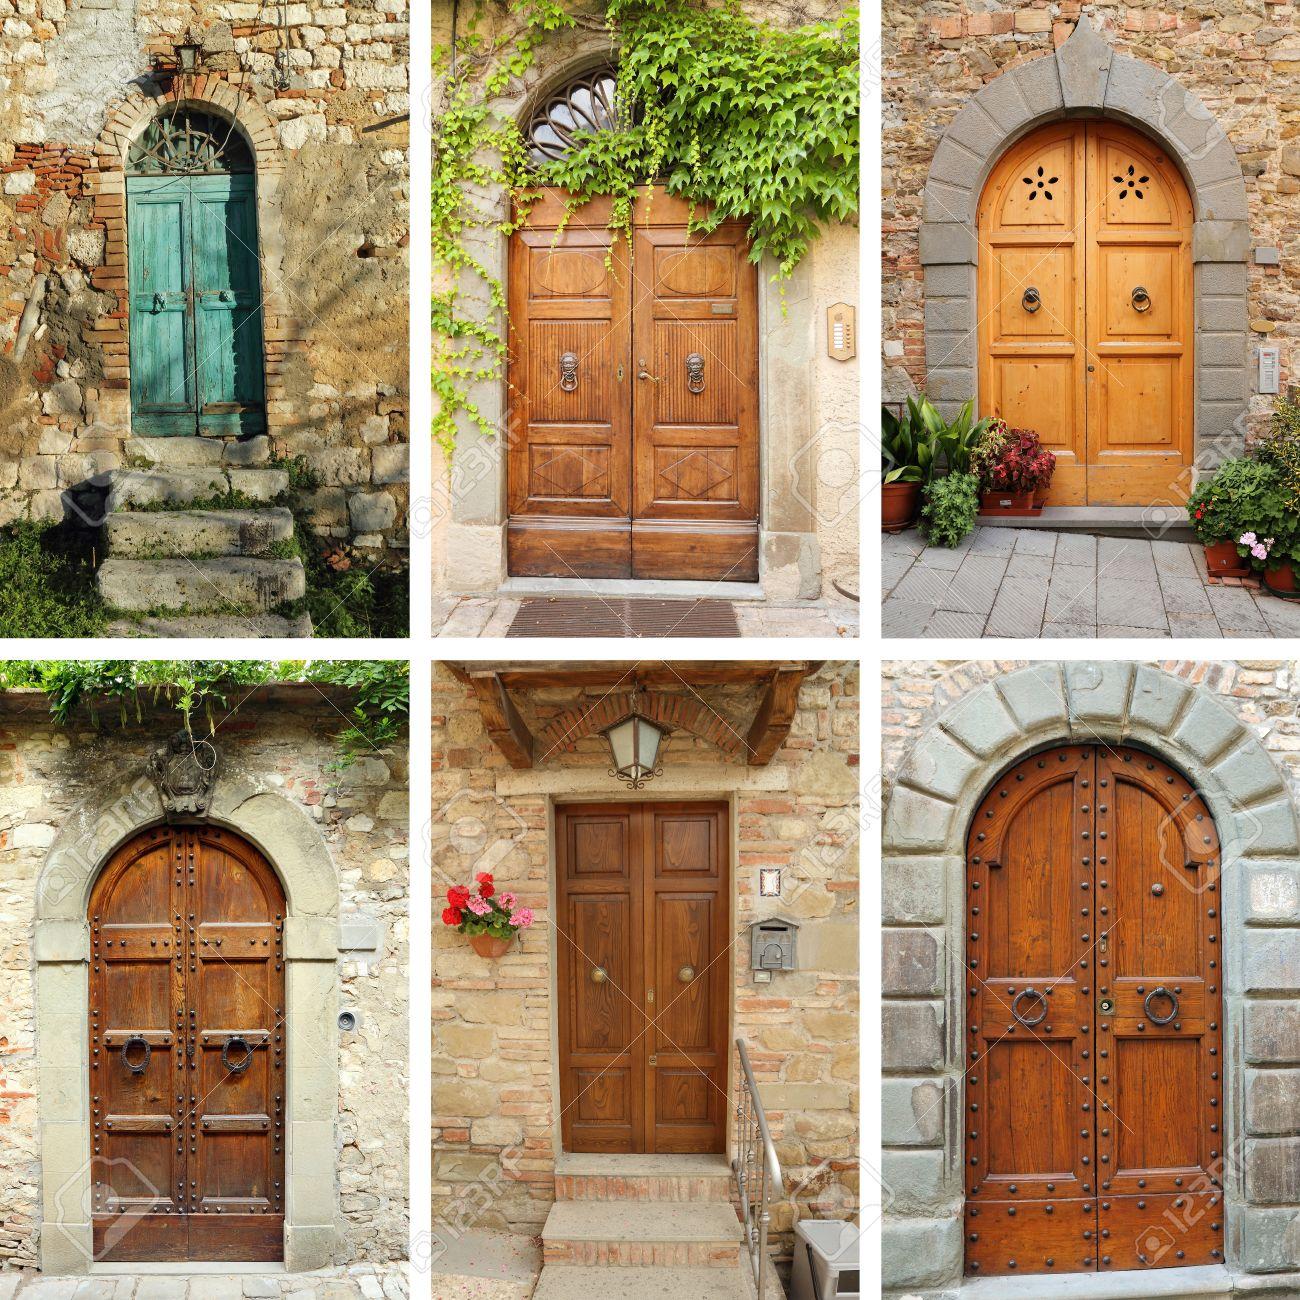 ビンテージ ドア壁紙 トスカーナ イタリア の写真素材 画像素材 Image